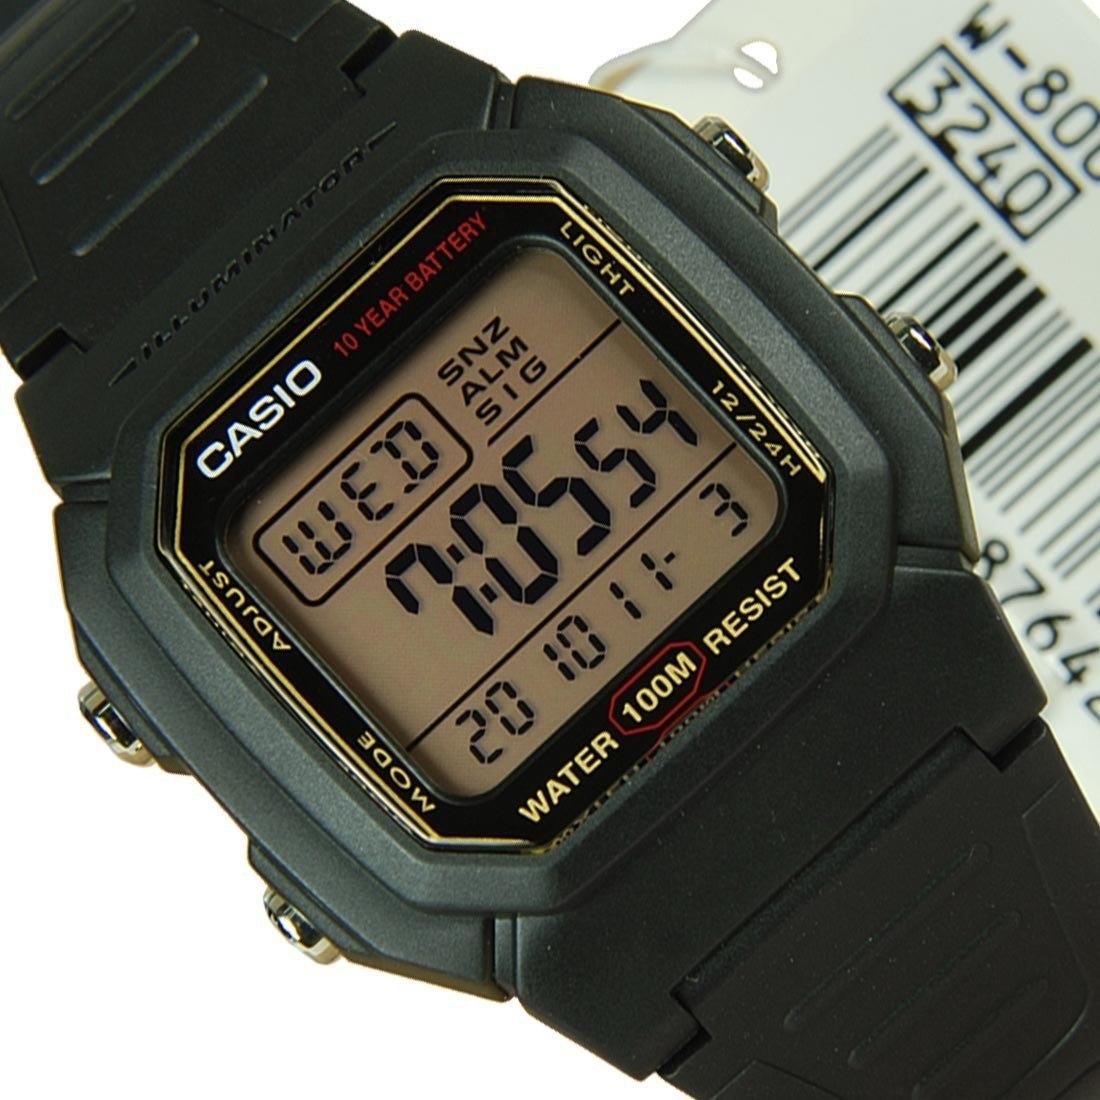 c9b349e25de Relogio Casio W-800hg Resist. Agua 100m Série Ouro Original - R  110 ...